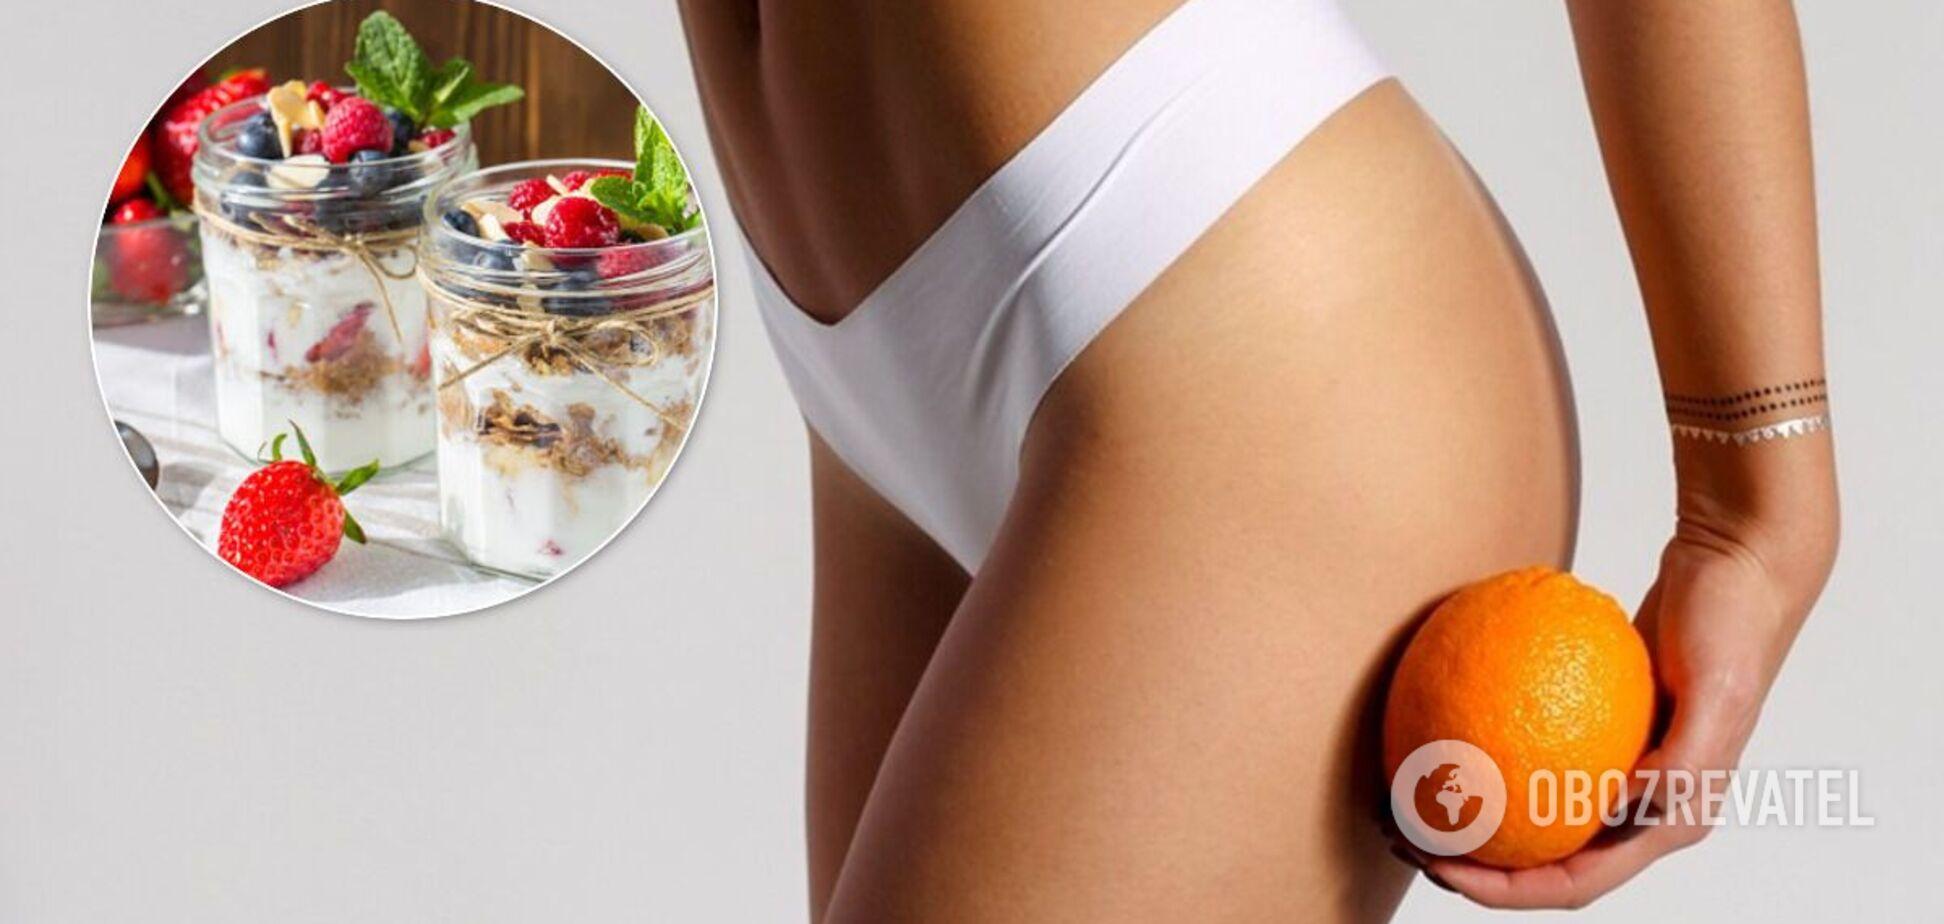 Названы 5 главных продуктов, вызывающих целлюлит